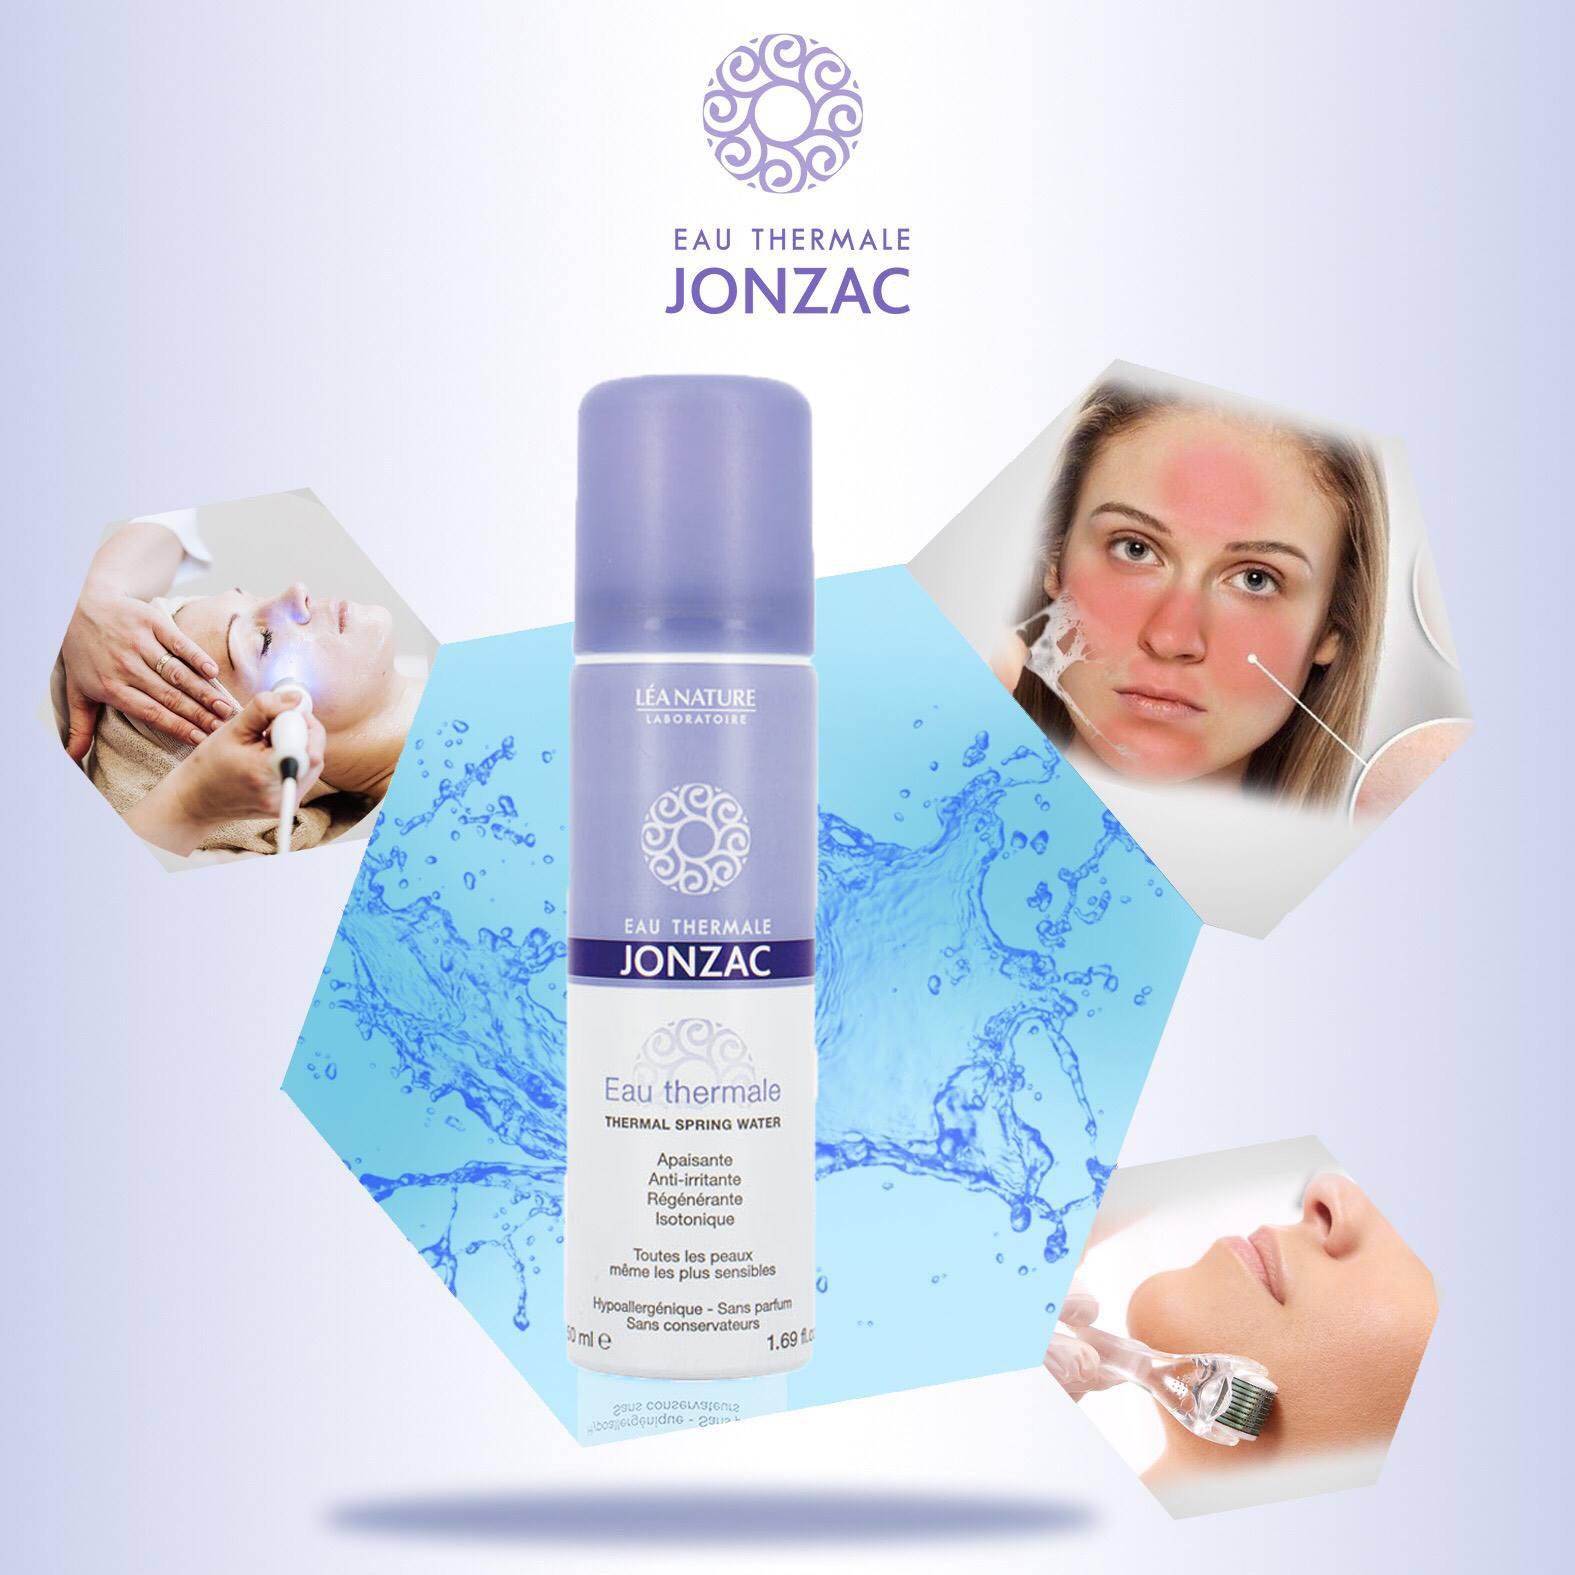 Xịt Khoáng Cấp Nước Dưỡng Ẩm Eau Thermale Jonzac Thermal Spring Water –  BellaDonna Cosmetics (HCM)